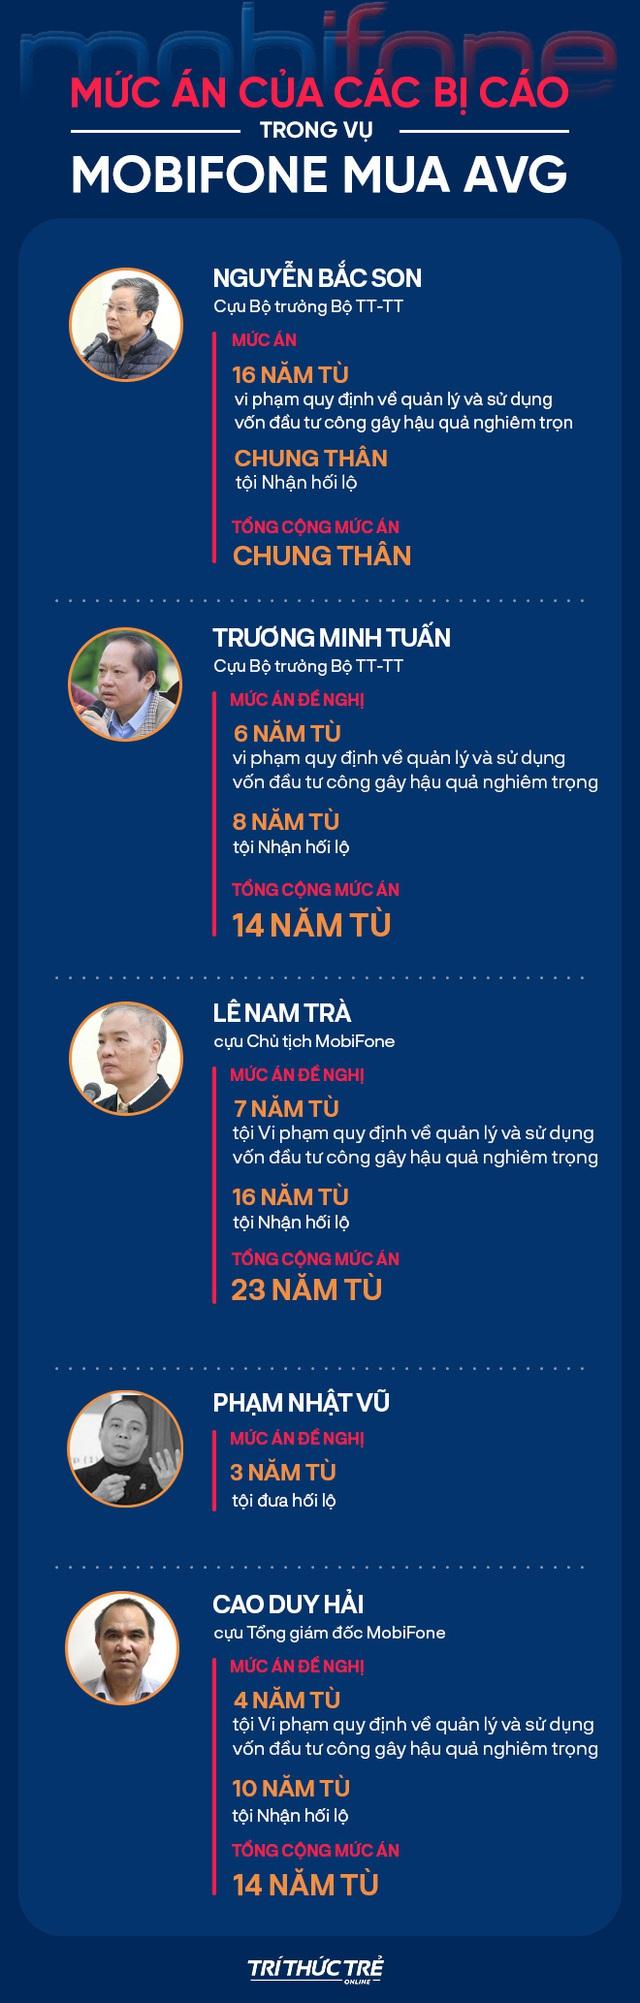 Tuyên án cựu Bộ trưởng Nguyễn Bắc Son, Trương Minh Tuấn và đồng phạm trong vụ MobiFone mua AVG - Ảnh 1.